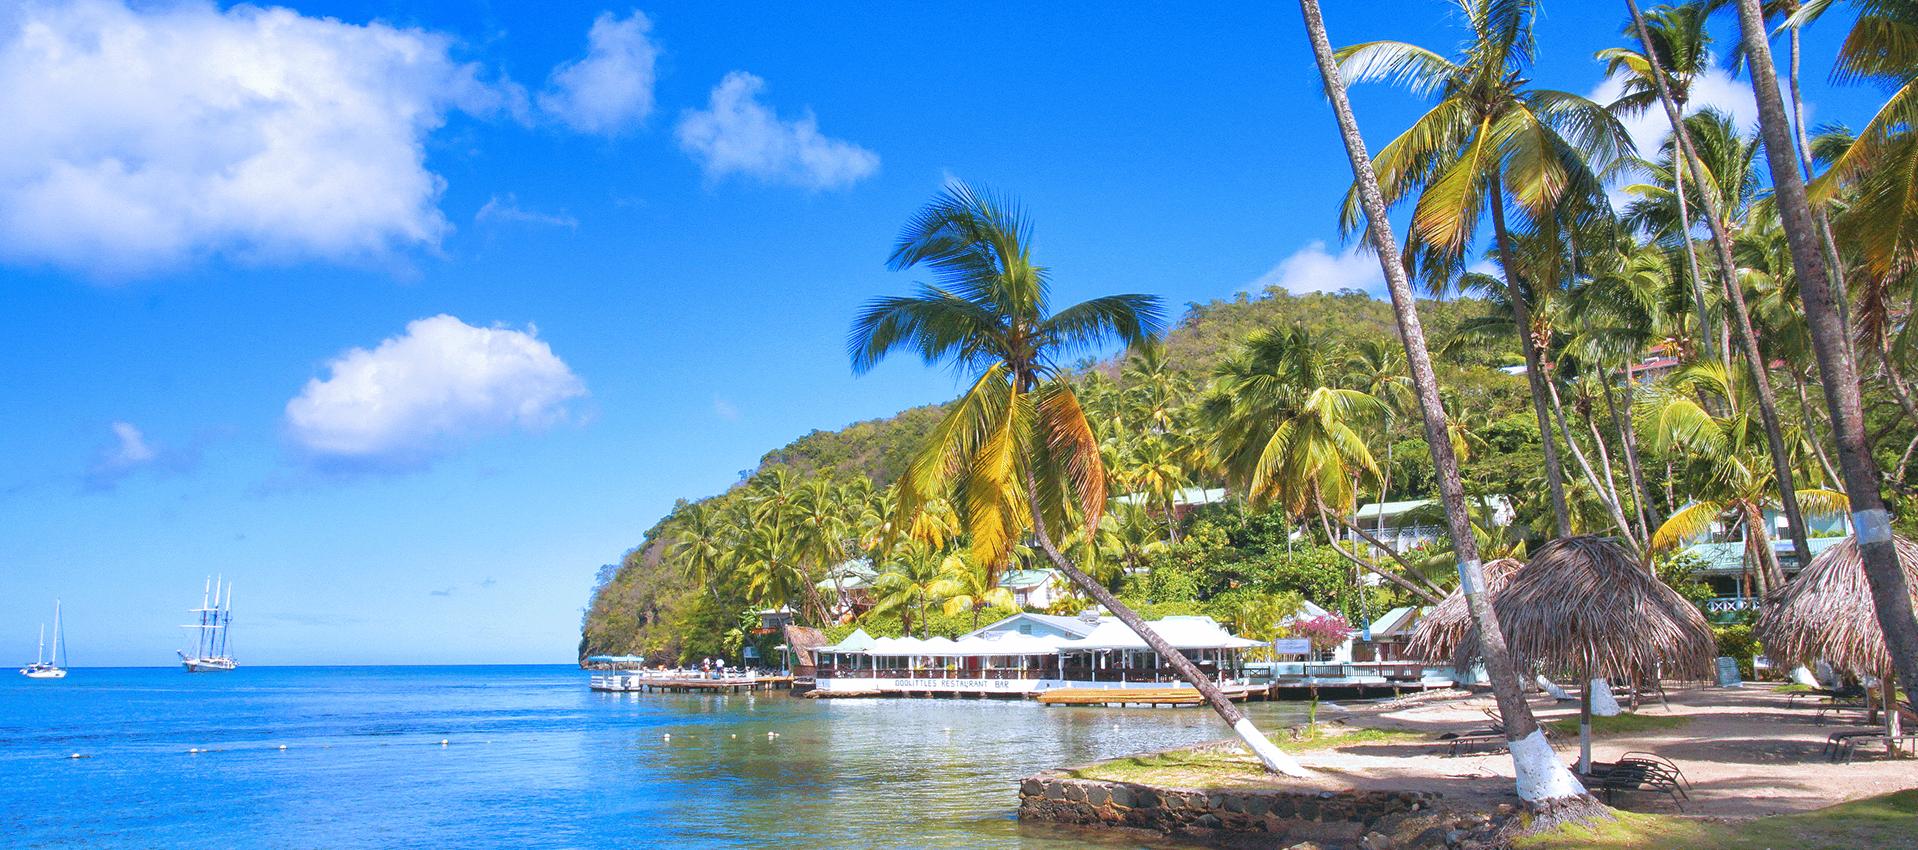 Marigot Beach Club